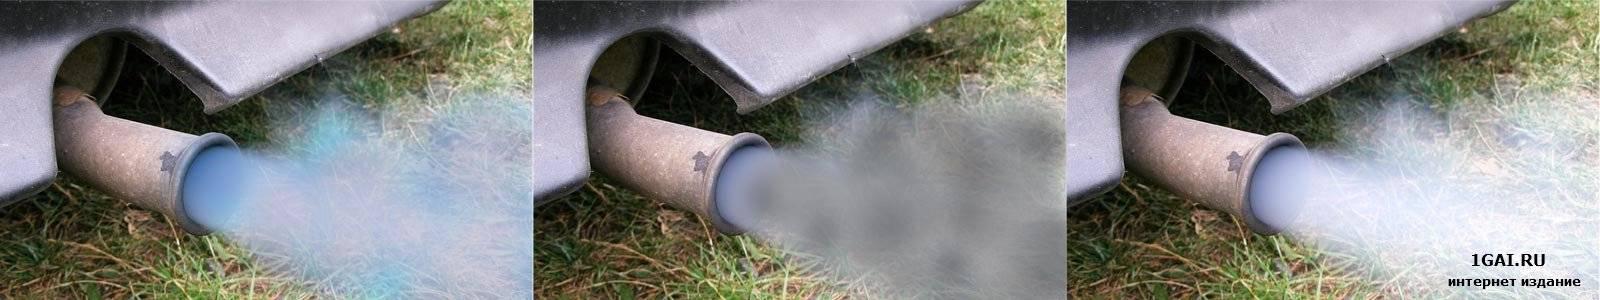 Белый дым из выхлопной трубы: причины дыма бензинового и дизельного двигателя, как устранить